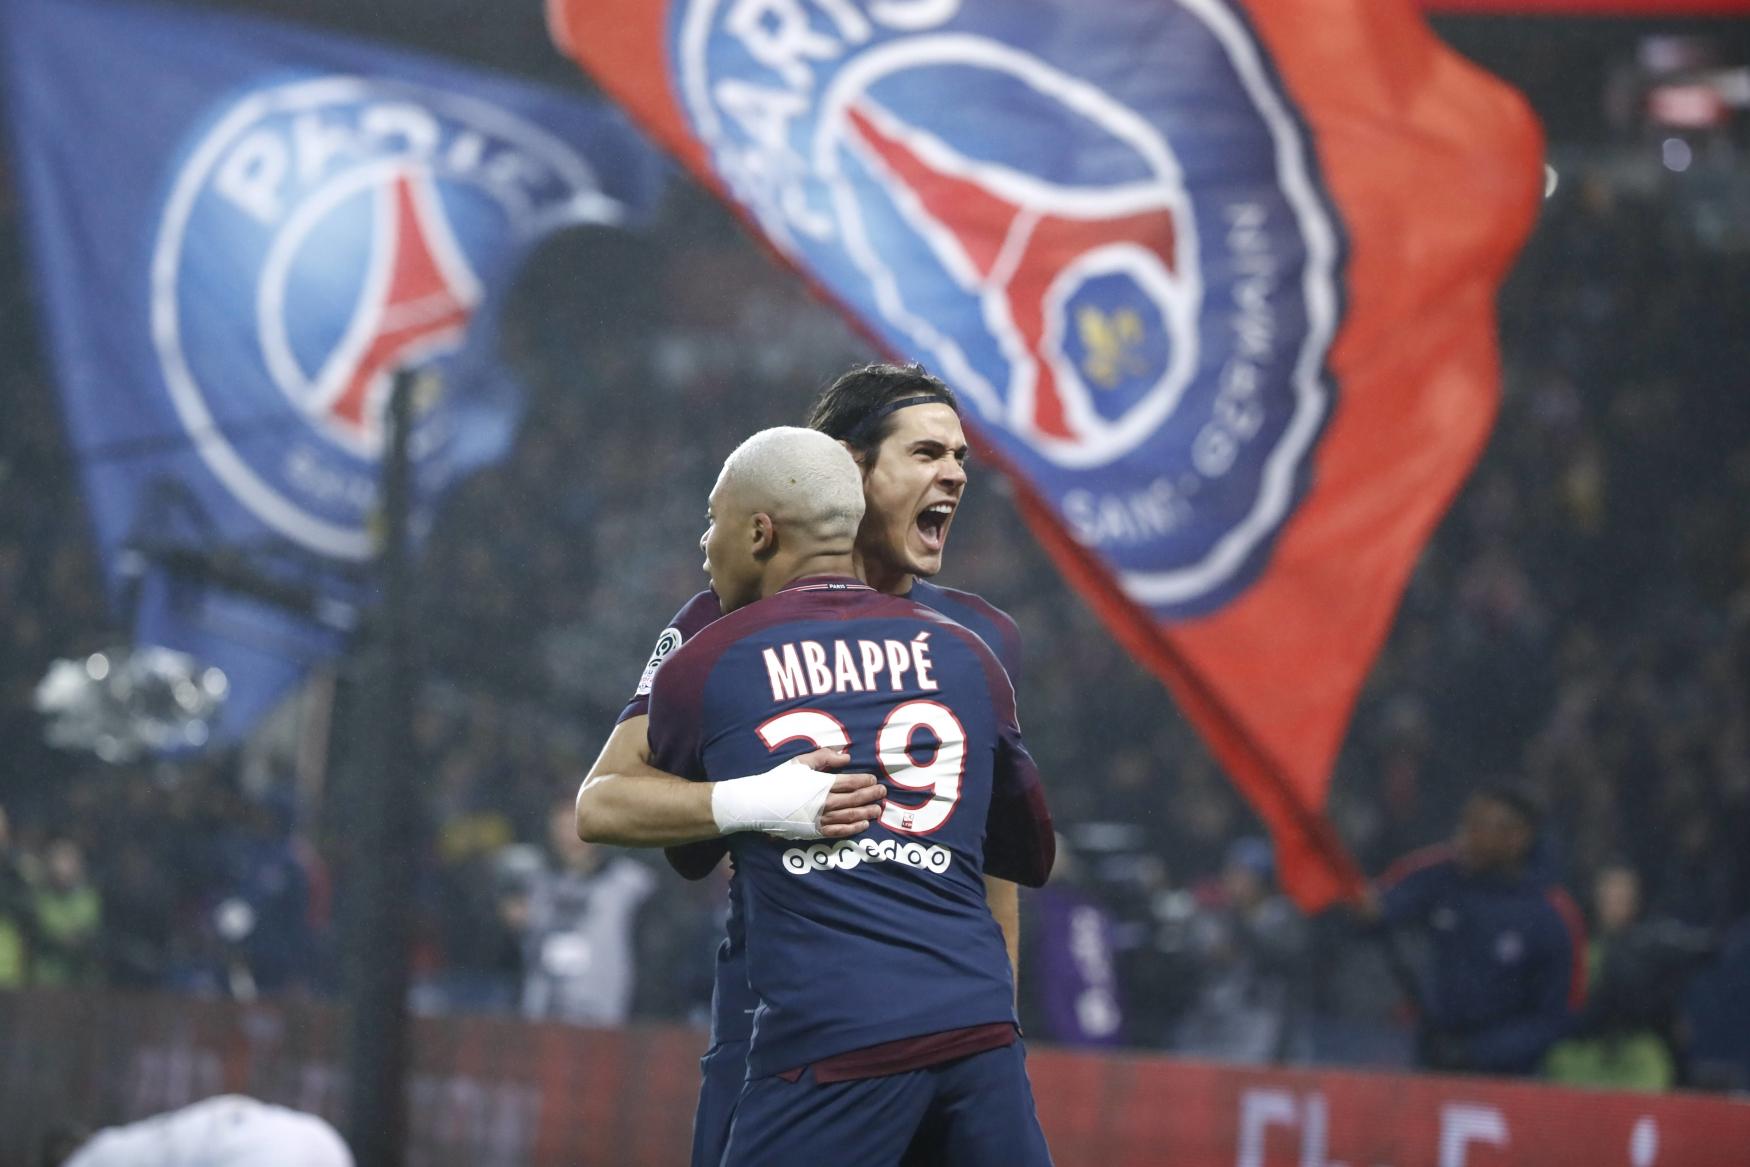 PREVIEW - 22. kolo francouzské Ligue 1